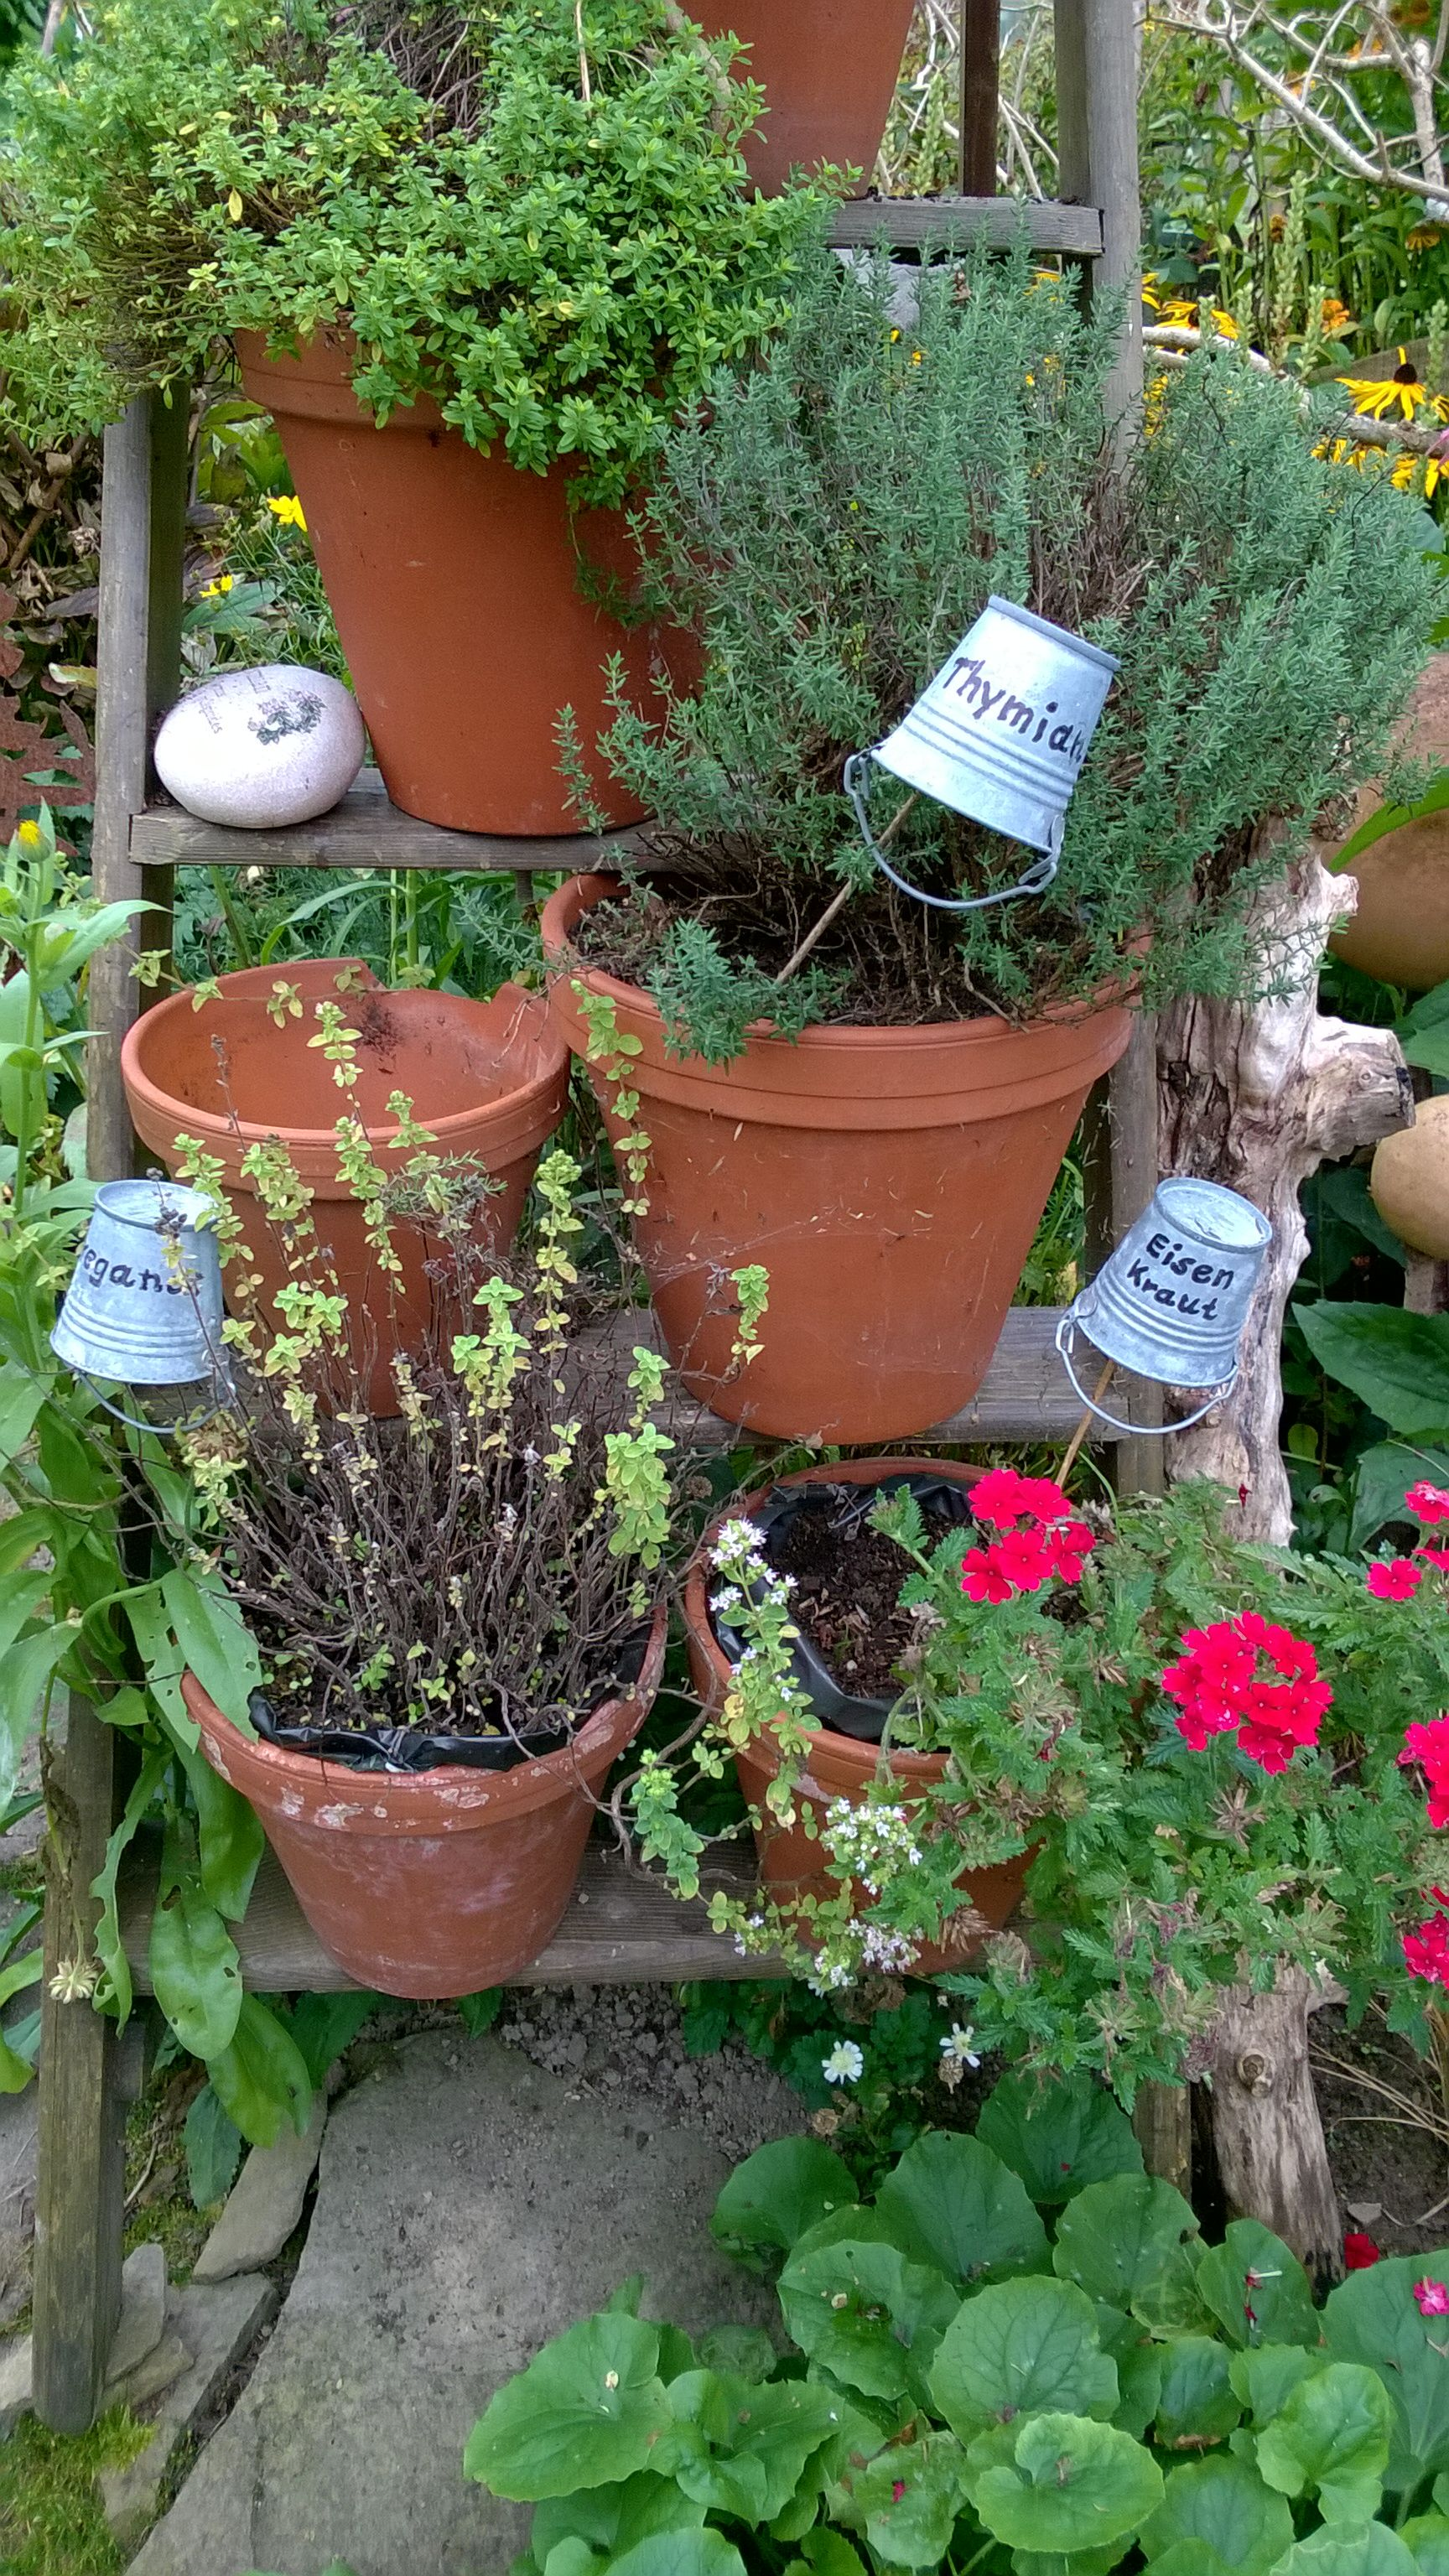 #schilder Für Kräuter, Kräutergarten, Beschriftung Kräuter, Deko Leiter  Garten, Gartenstecker DIY, Garten Ideen